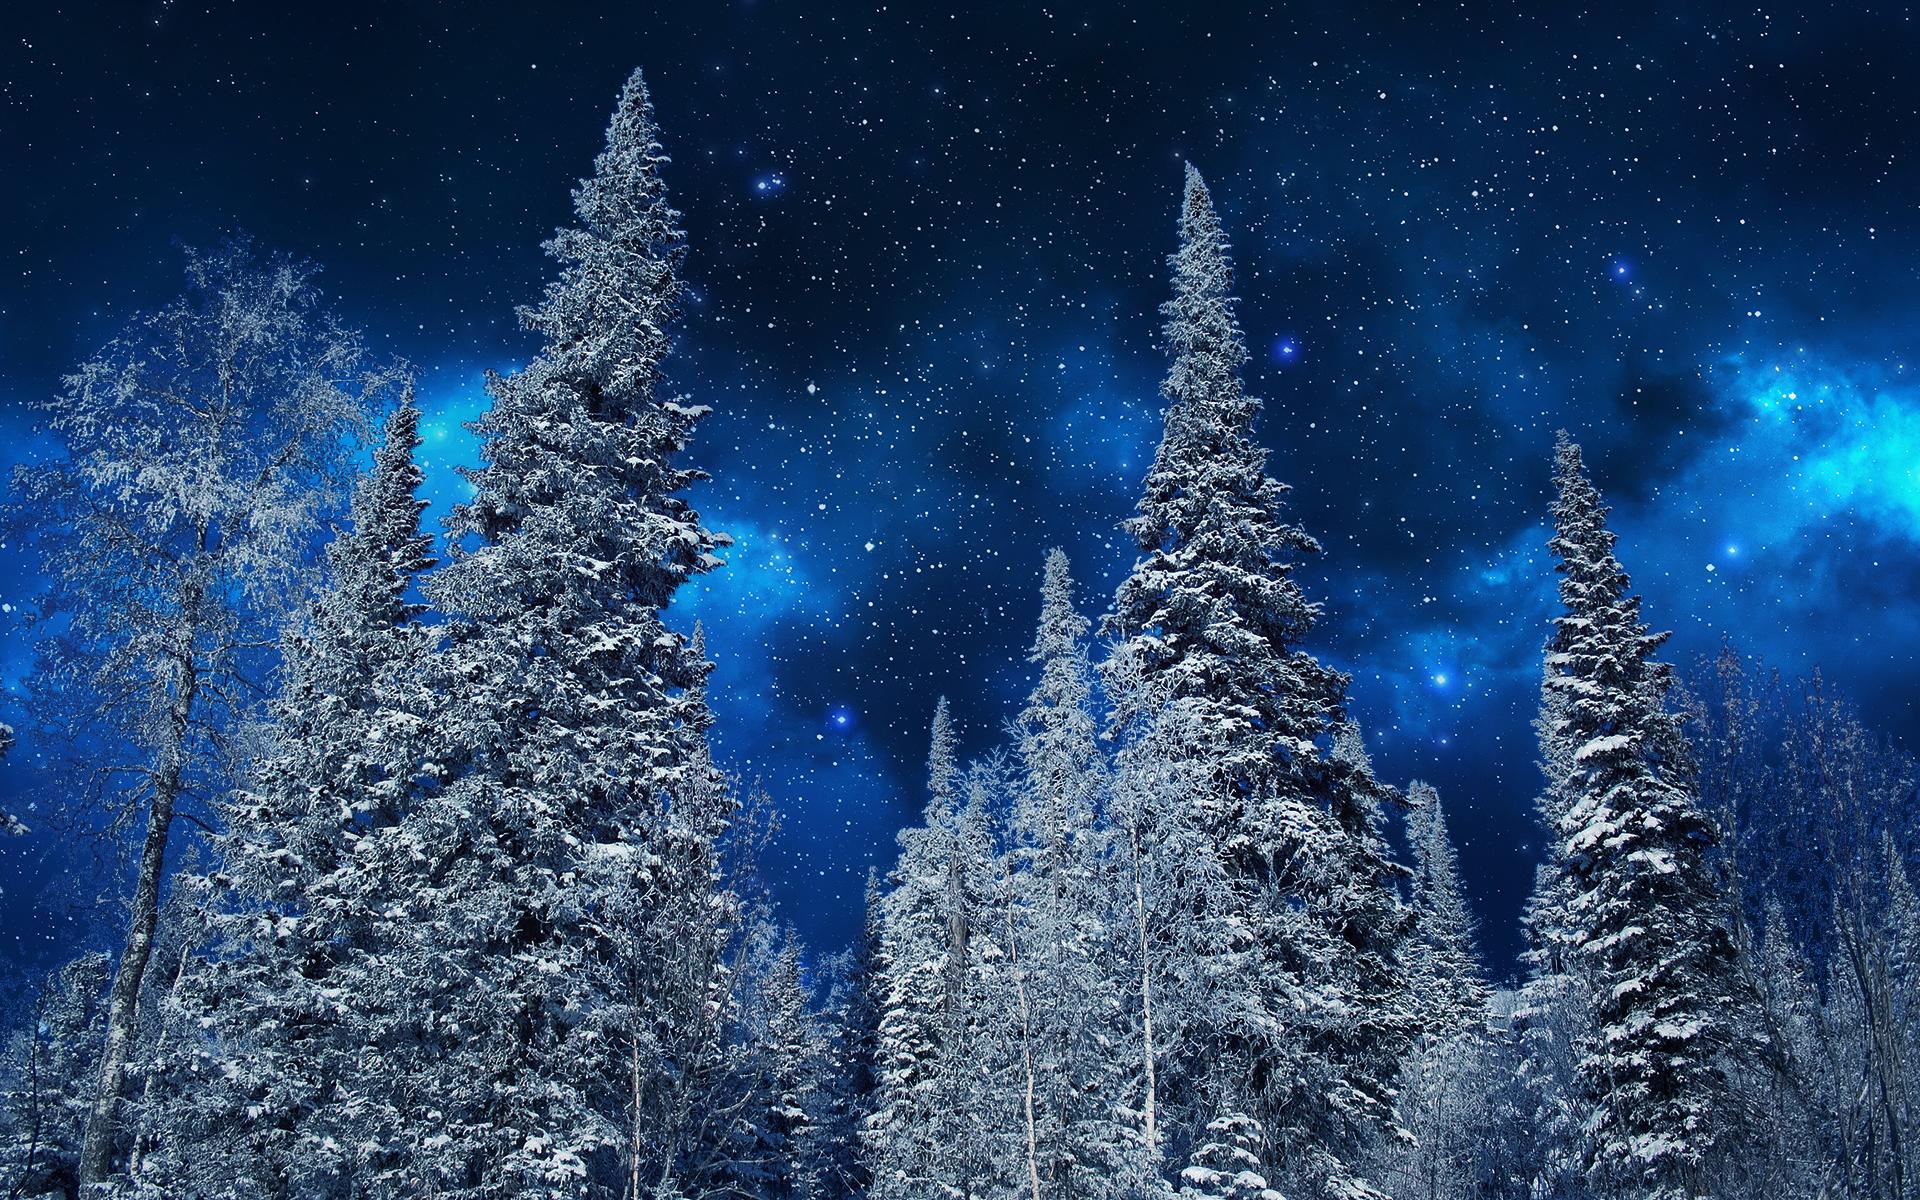 природа деревья ели зима снег небо  № 2803261  скачать